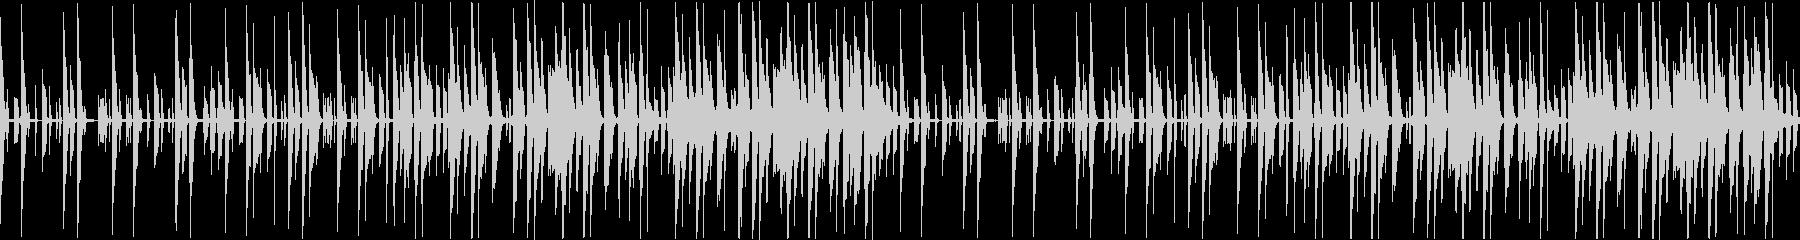 可愛らしいピアノが印象的なBGMの未再生の波形